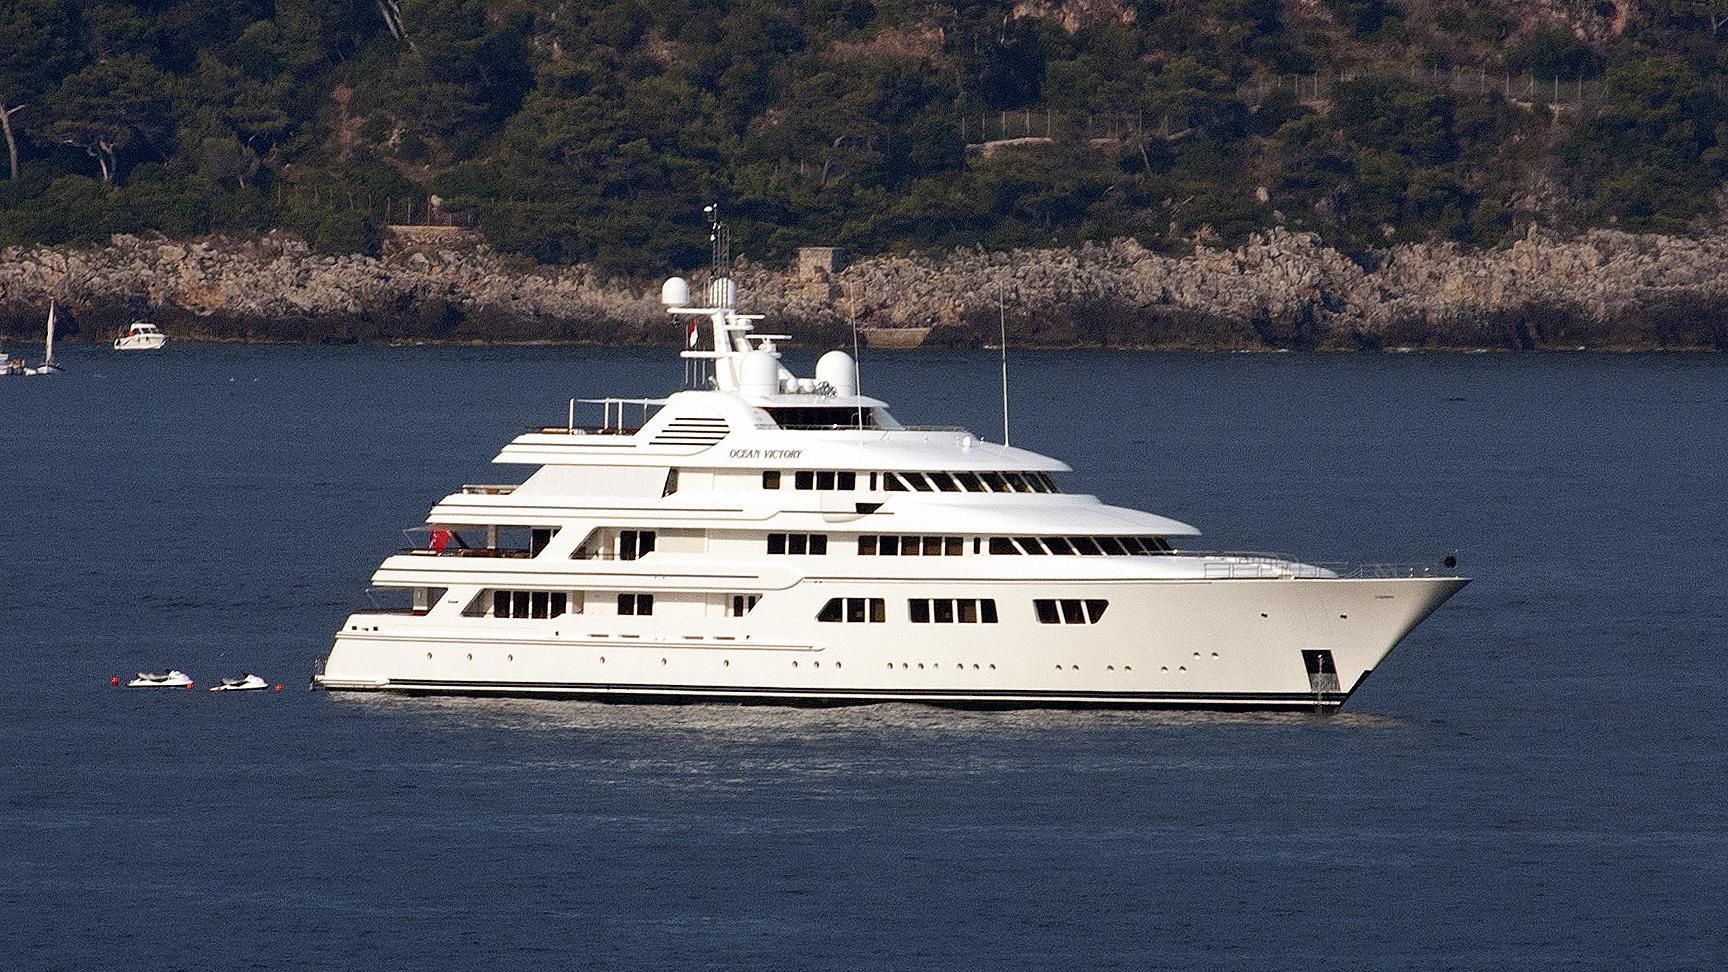 ebony-shine-motor-yacht-feadship-2009-76m-profile